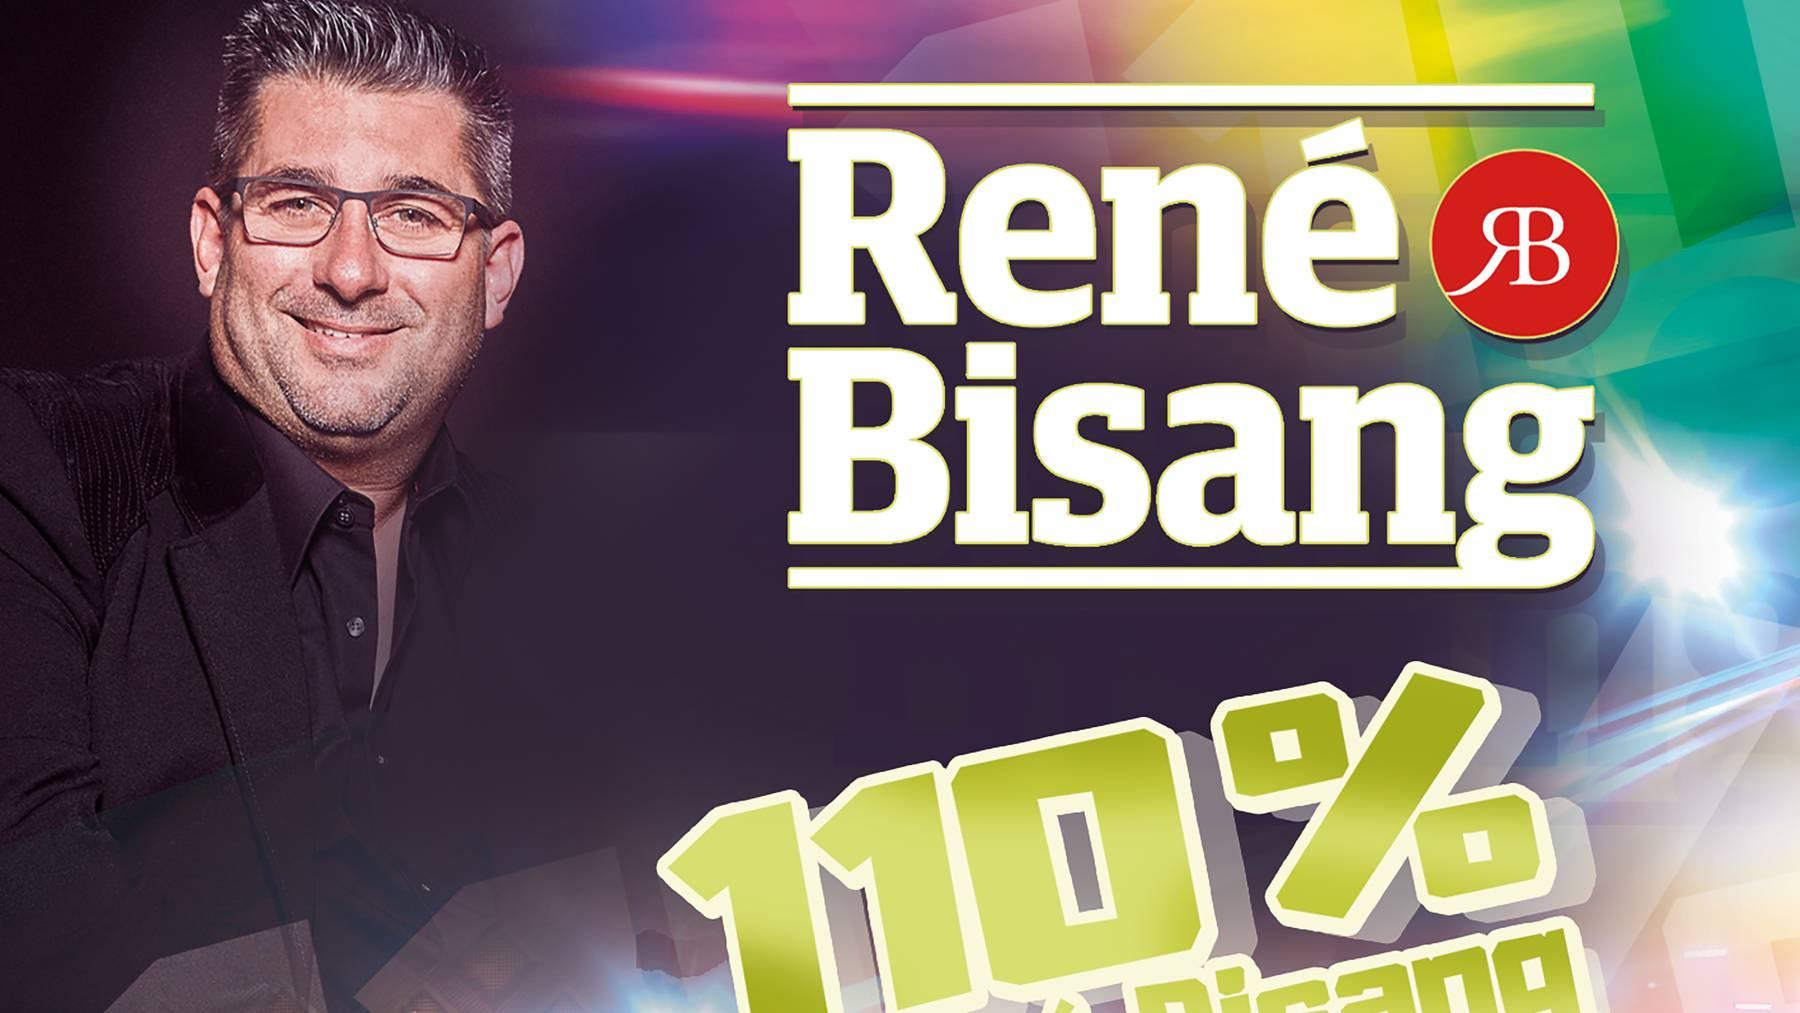 René Bisang - 110 %